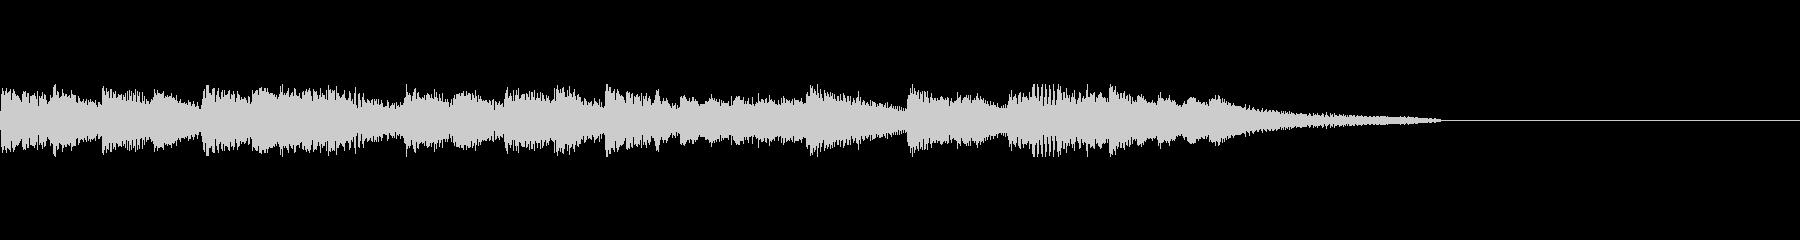 ピアノジングル3、明るいラジオ風の未再生の波形